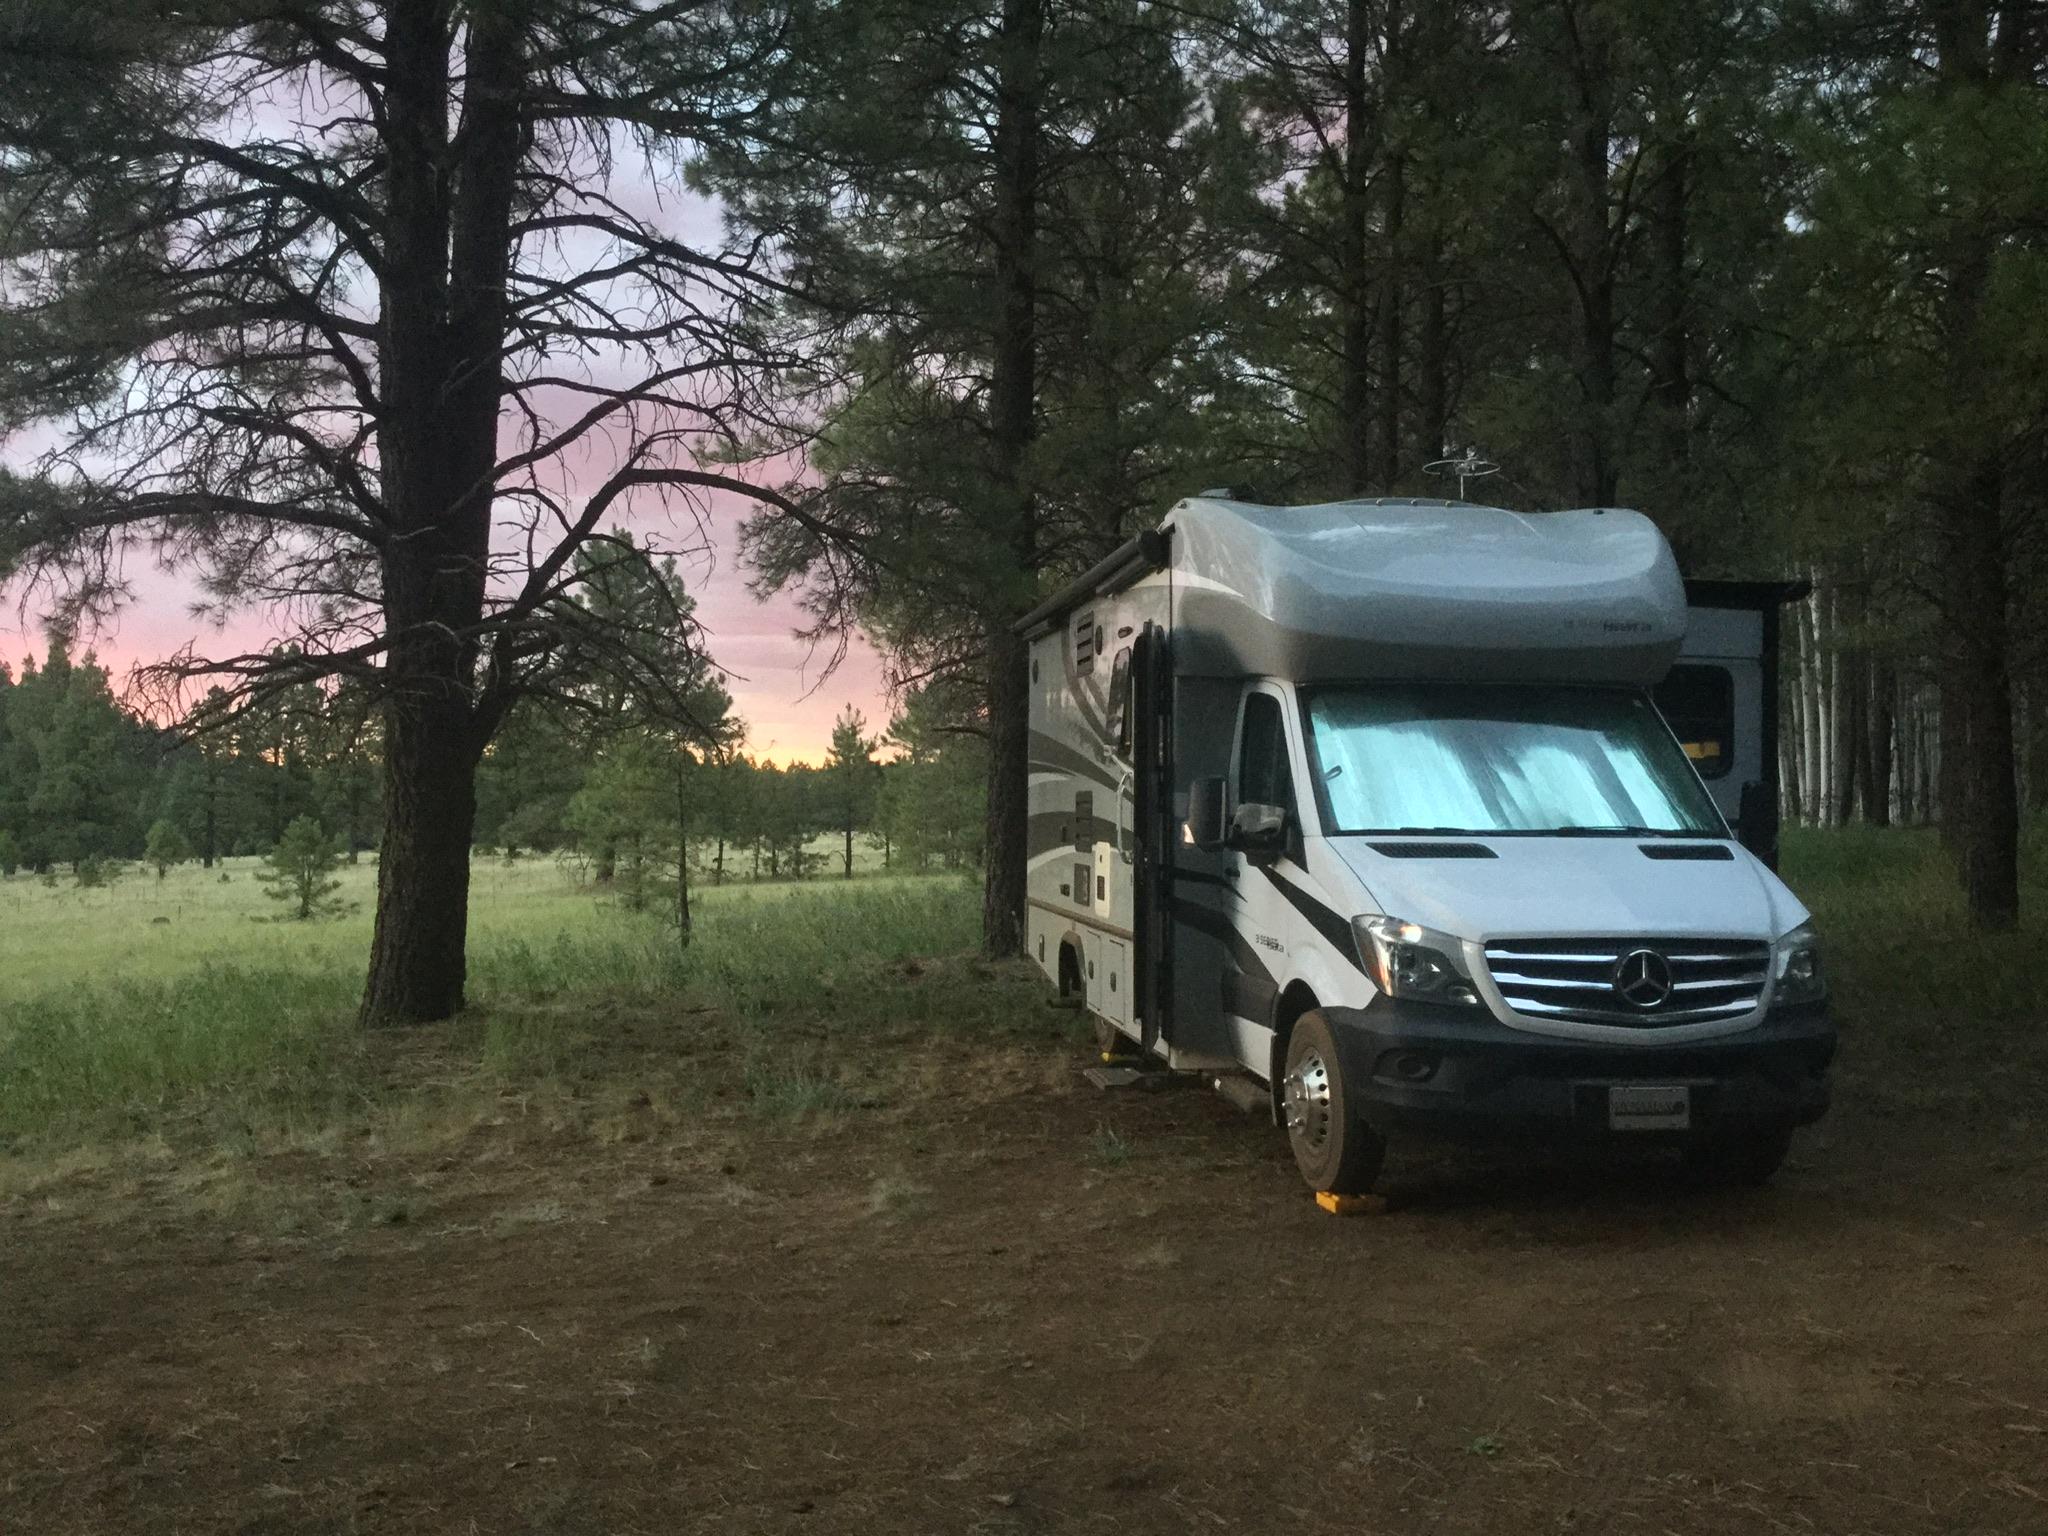 new campsite